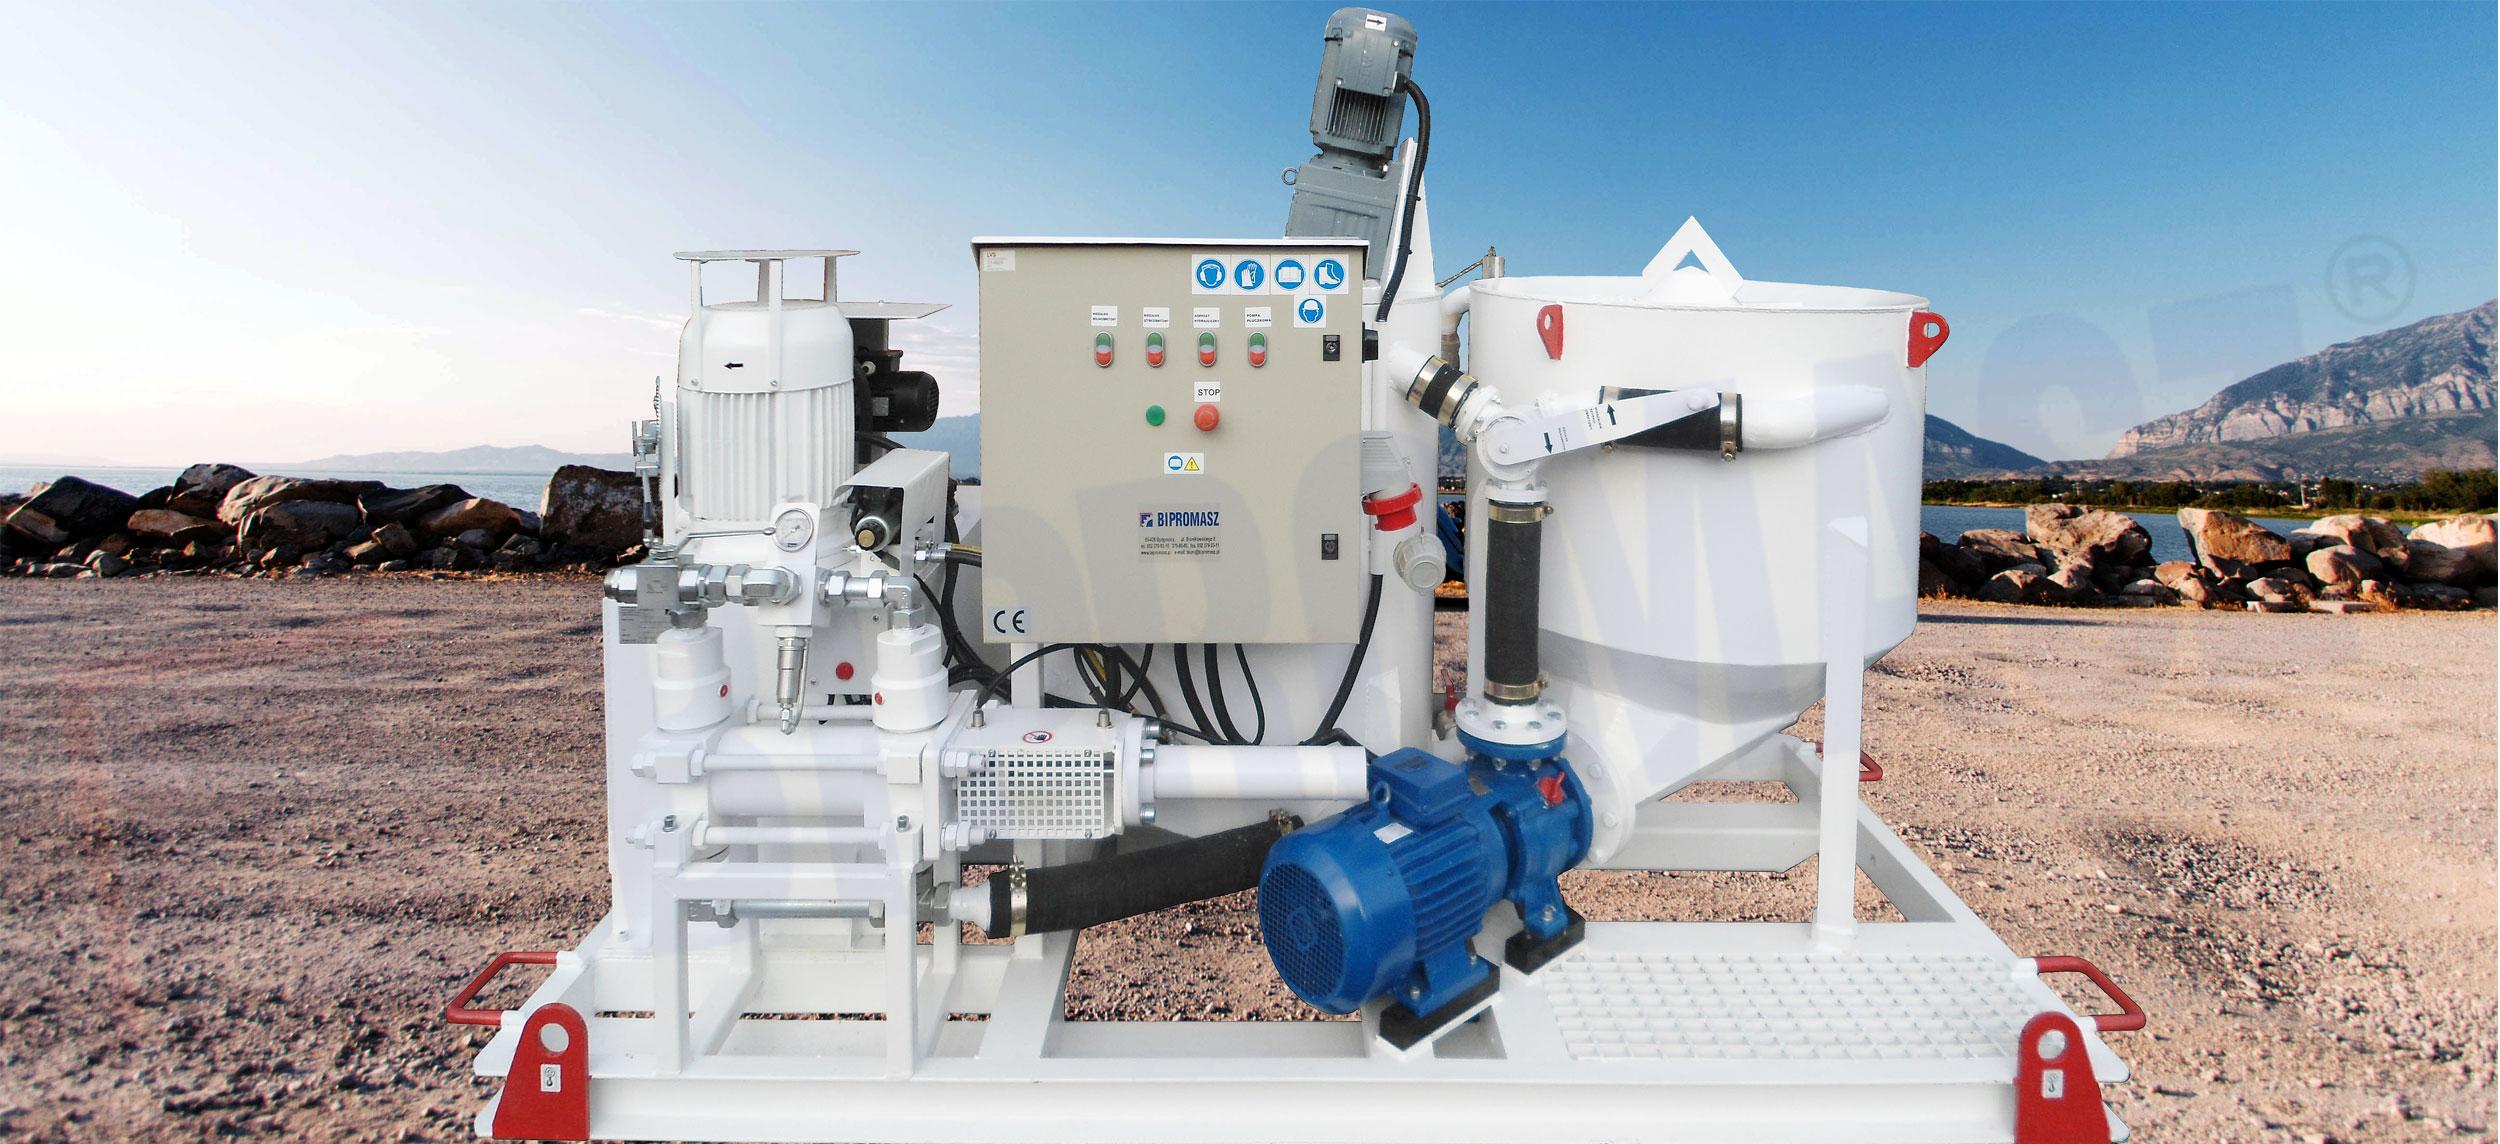 Zestaw mieszalnikowo iniekcyjny typu ZMI-100E i ZMI-100H produkcji firmy Bipromasz